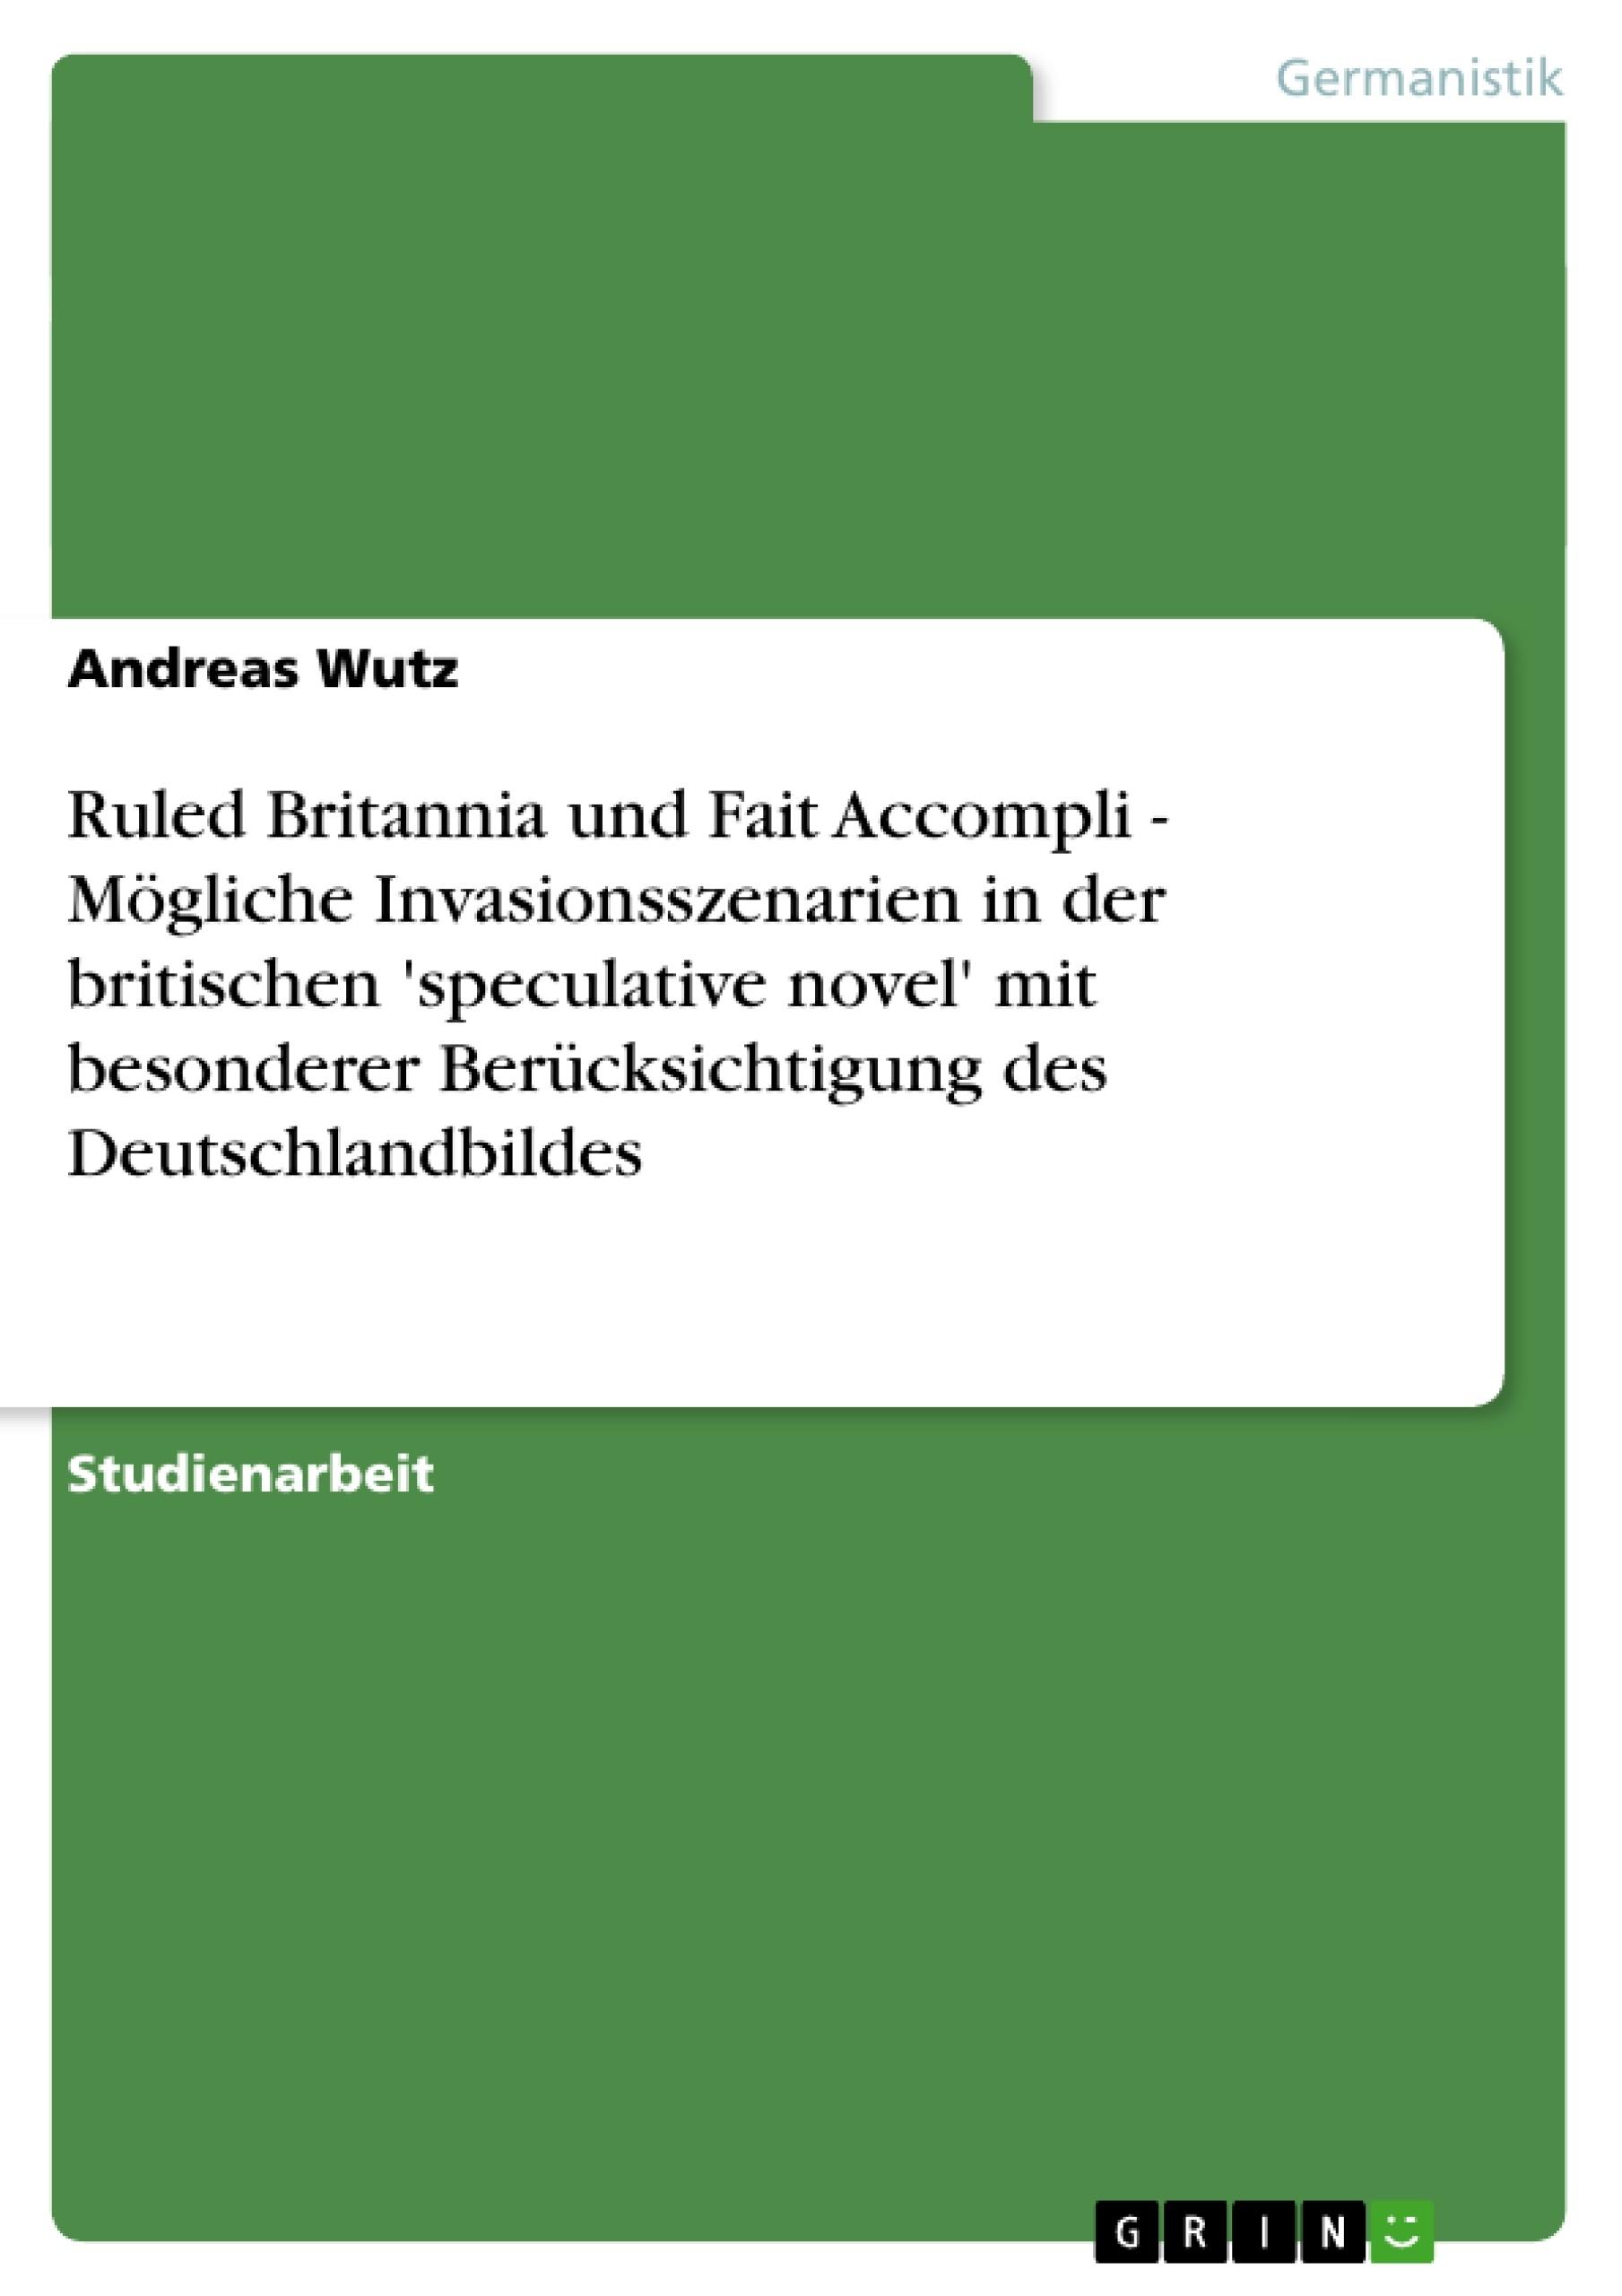 Titel: Ruled Britannia und Fait Accompli - Mögliche Invasionsszenarien in der britischen 'speculative novel' mit besonderer Berücksichtigung des Deutschlandbildes